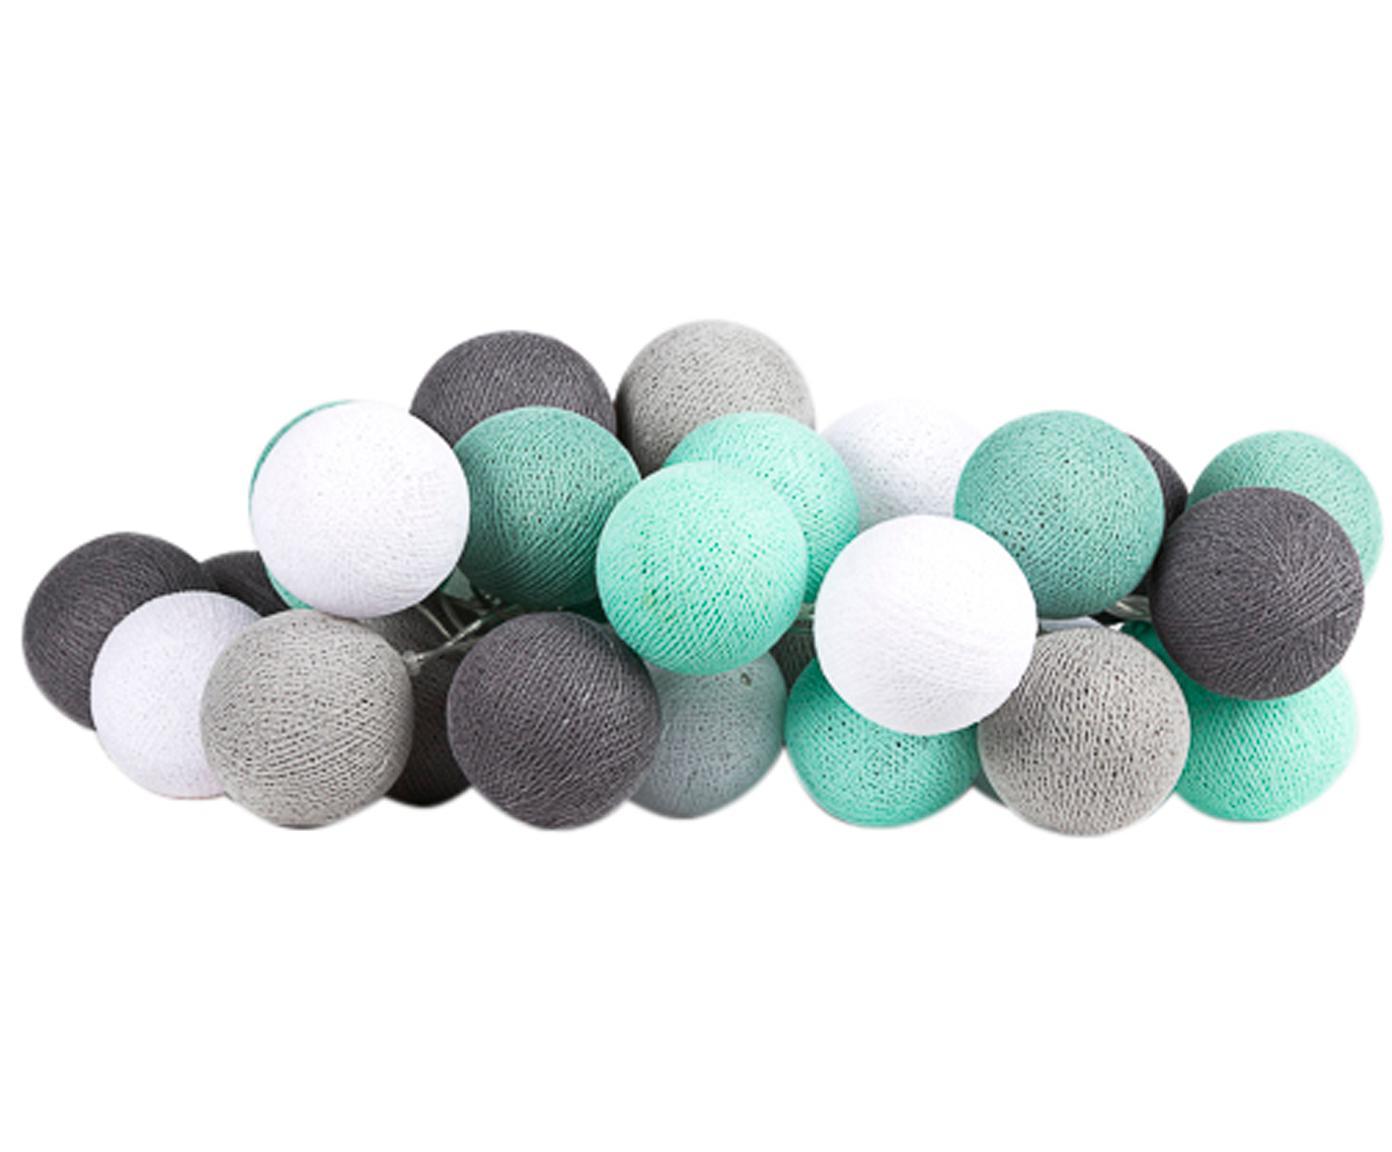 Guirnalda de luces LED Colorain, Linternas: poliéster, Cable: plástico, Verde menta, gris, blanco, L 264 cm